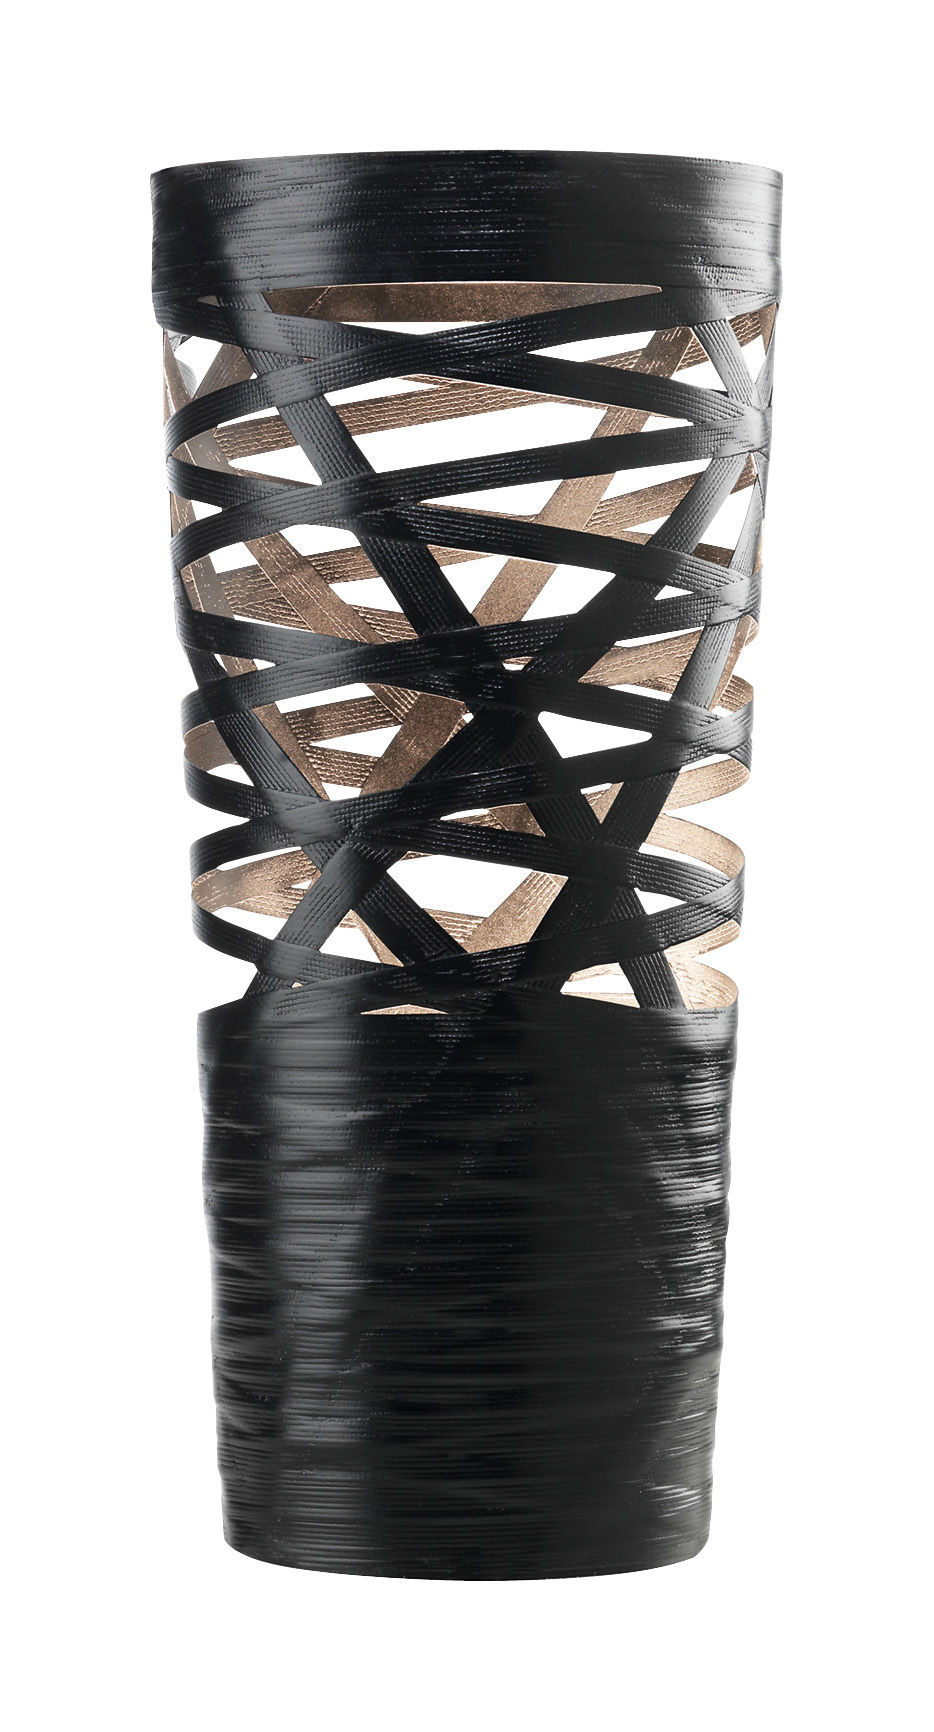 Leuchten - Tischleuchten - Tress Mini Tischleuchte H 43 cm - Foscarini - Schwarz - Glasfaser, Verbund-Werkstoffe